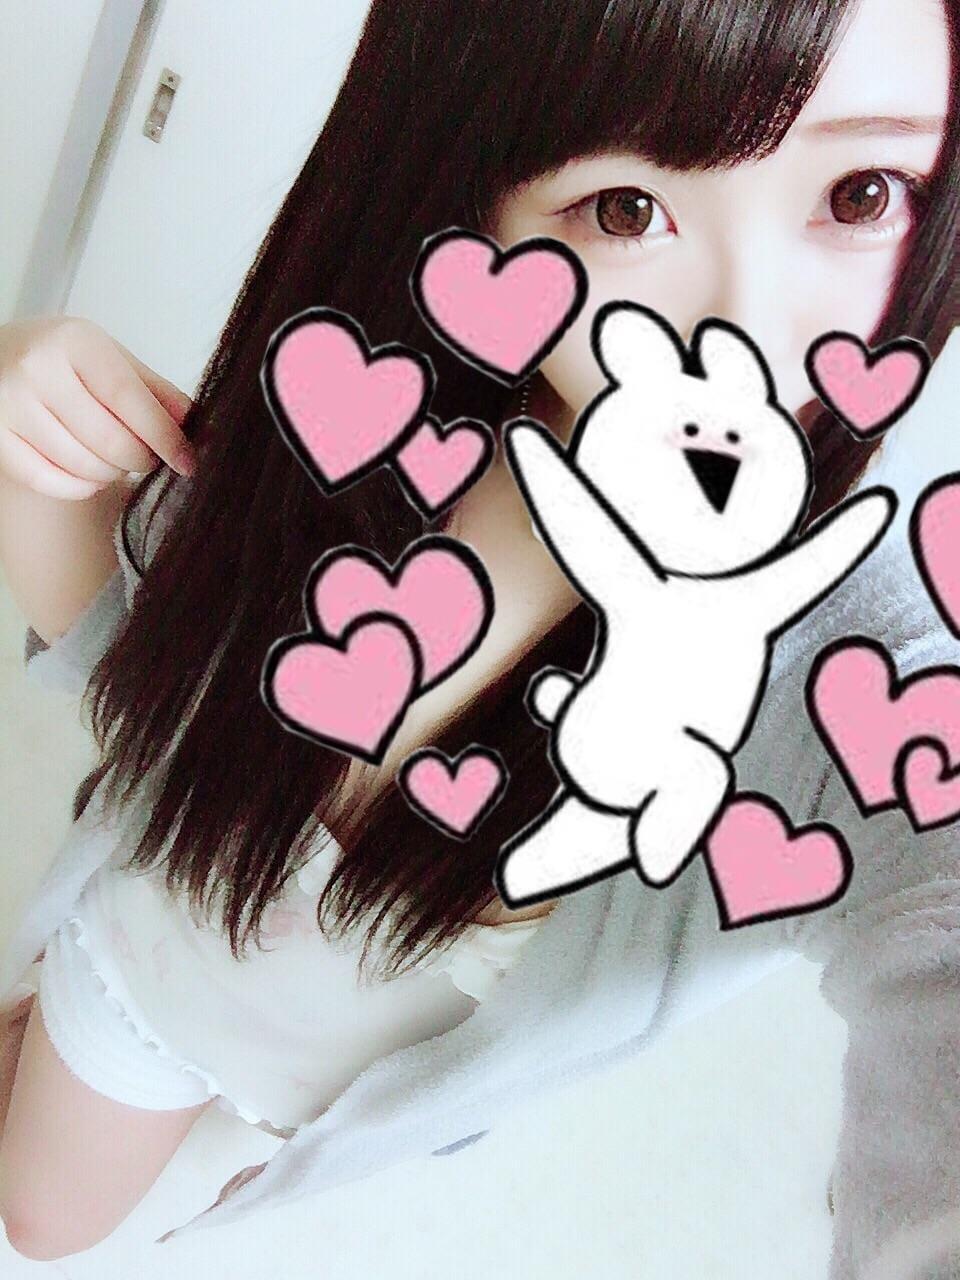 「ふぅ~~!!」05/24(木) 14:19   たまきの写メ・風俗動画